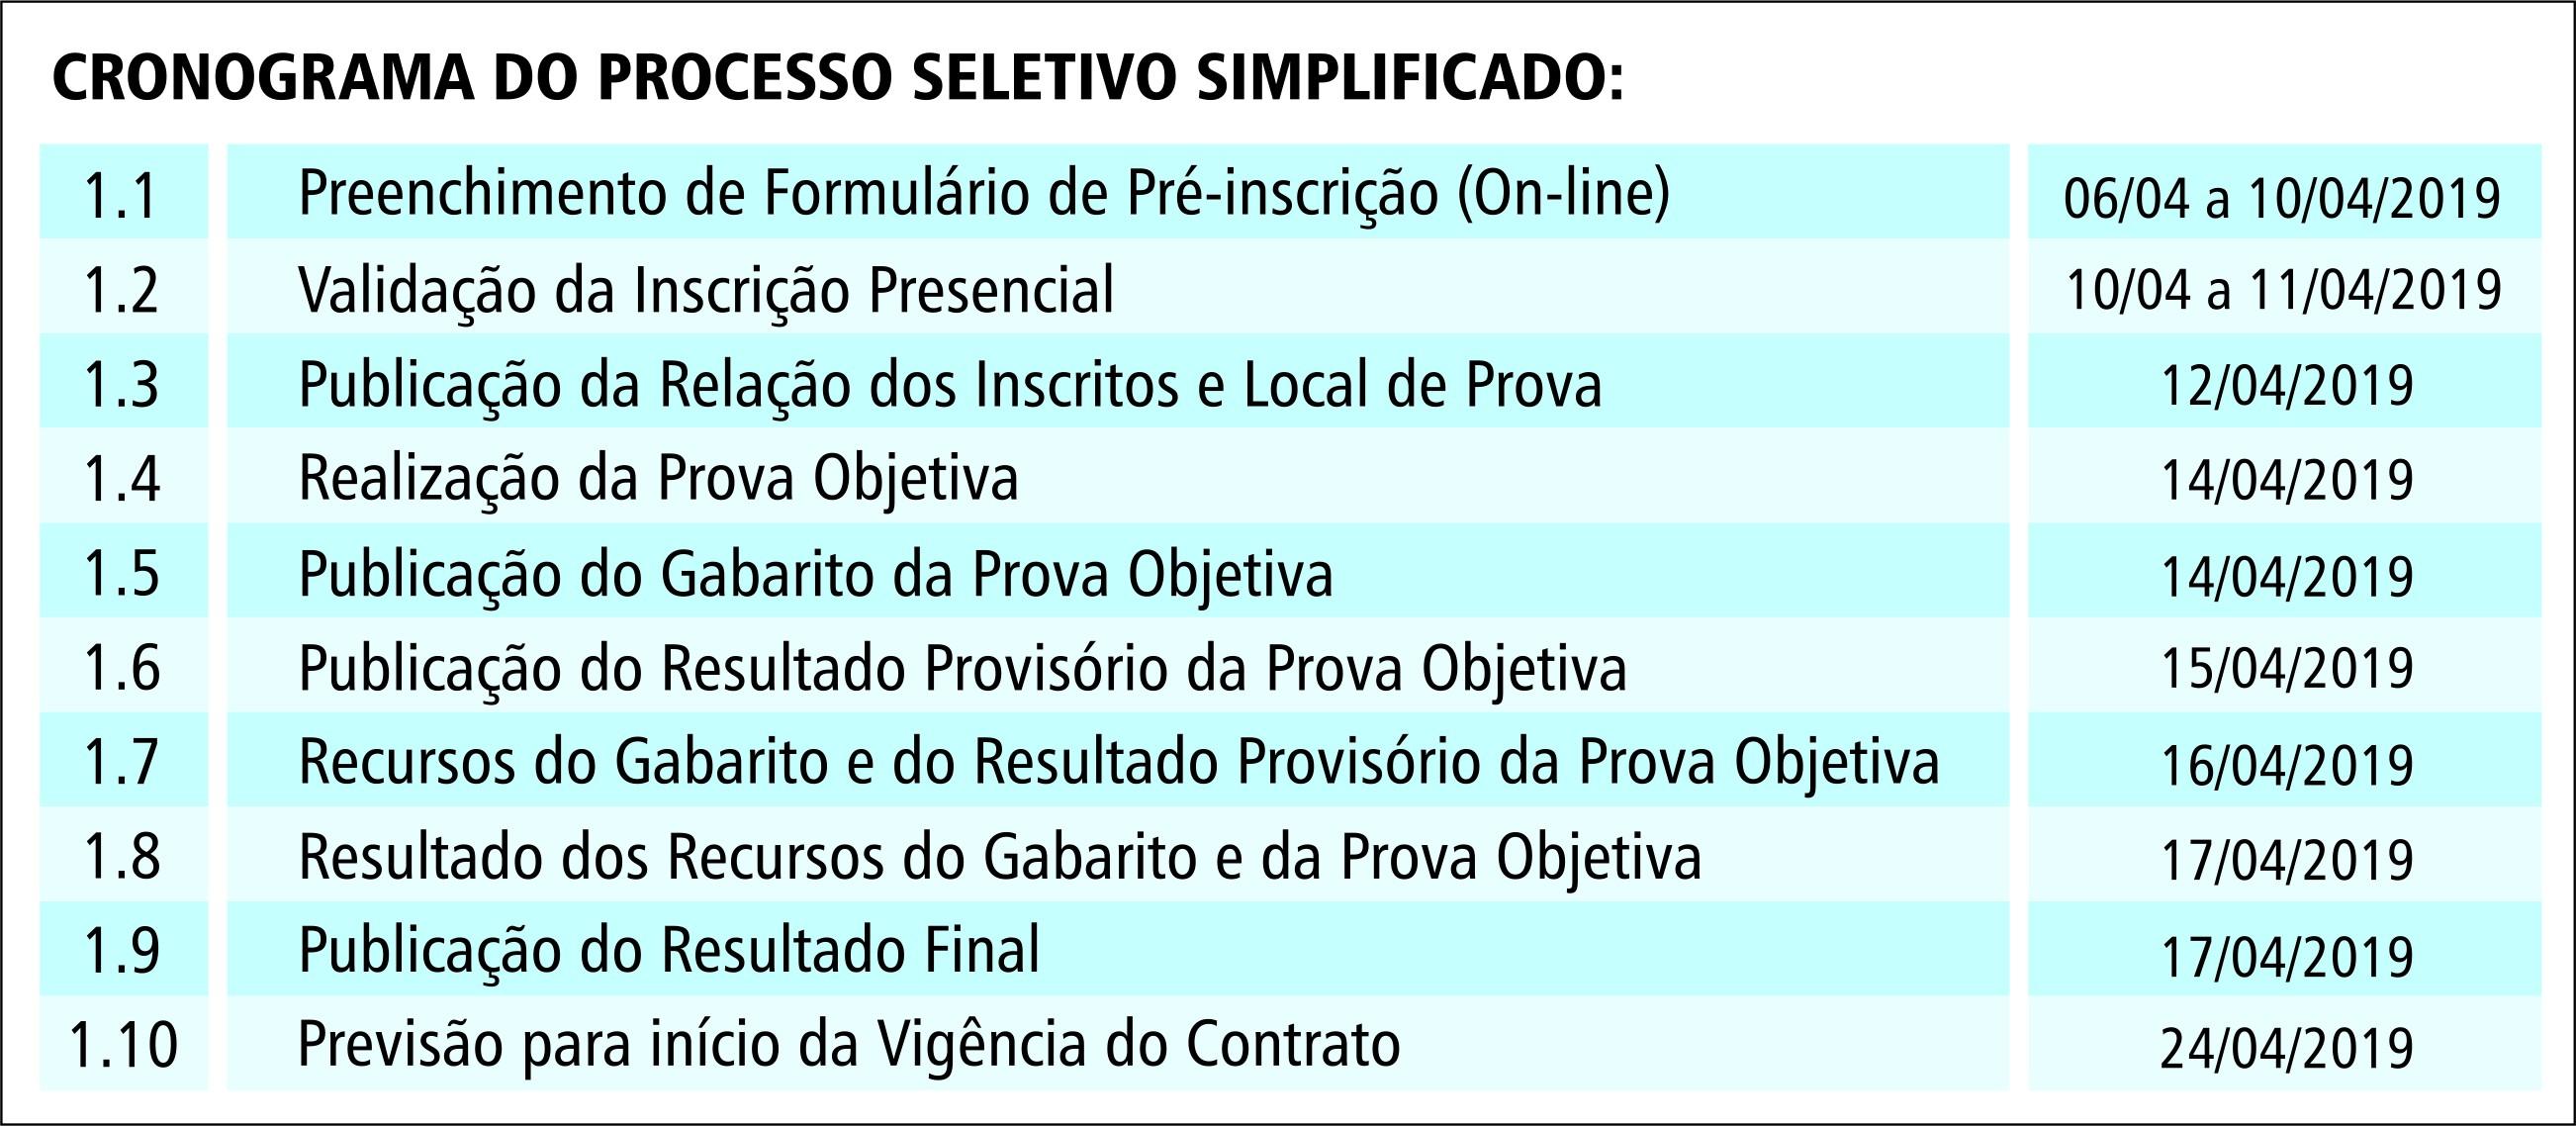 Calendario De Carnaval Em 2019 Recientes Index Of Midia Of Calendario De Carnaval Em 2019 Recientes Index Of Midia